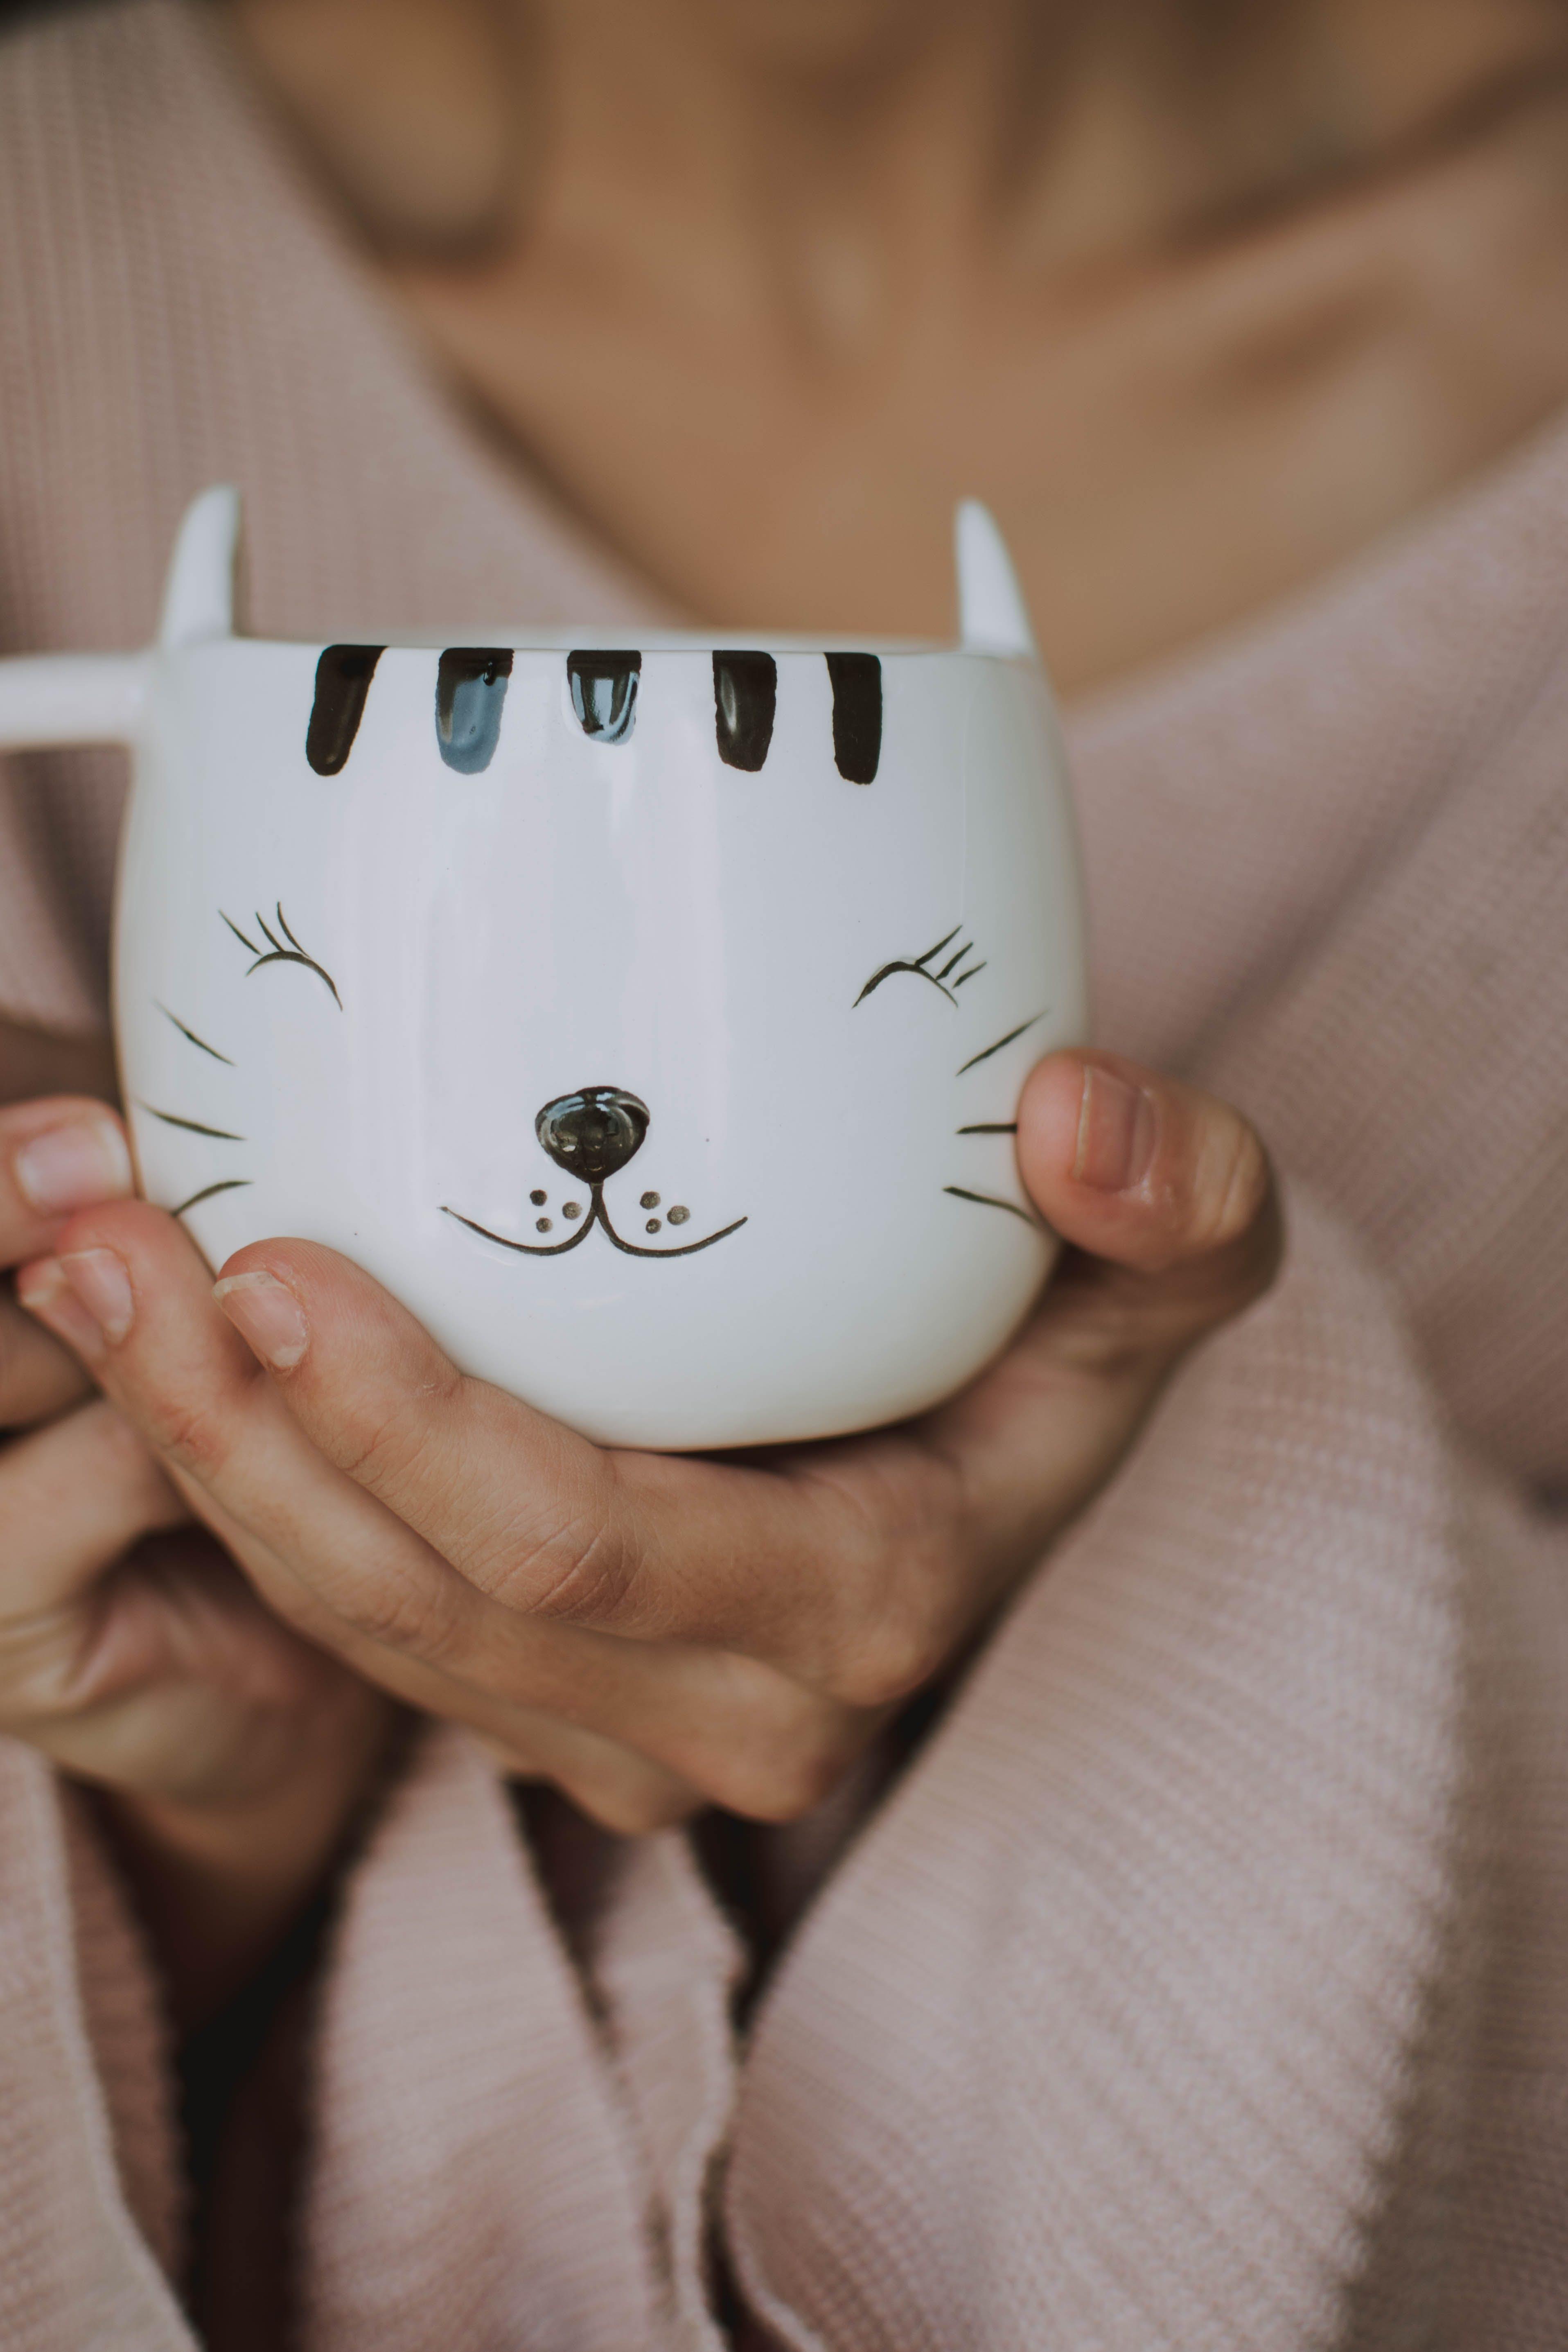 Δωρεάν στοκ φωτογραφιών με άνθρωπος, αντικείμενο, Γάτα, γκρο πλαν